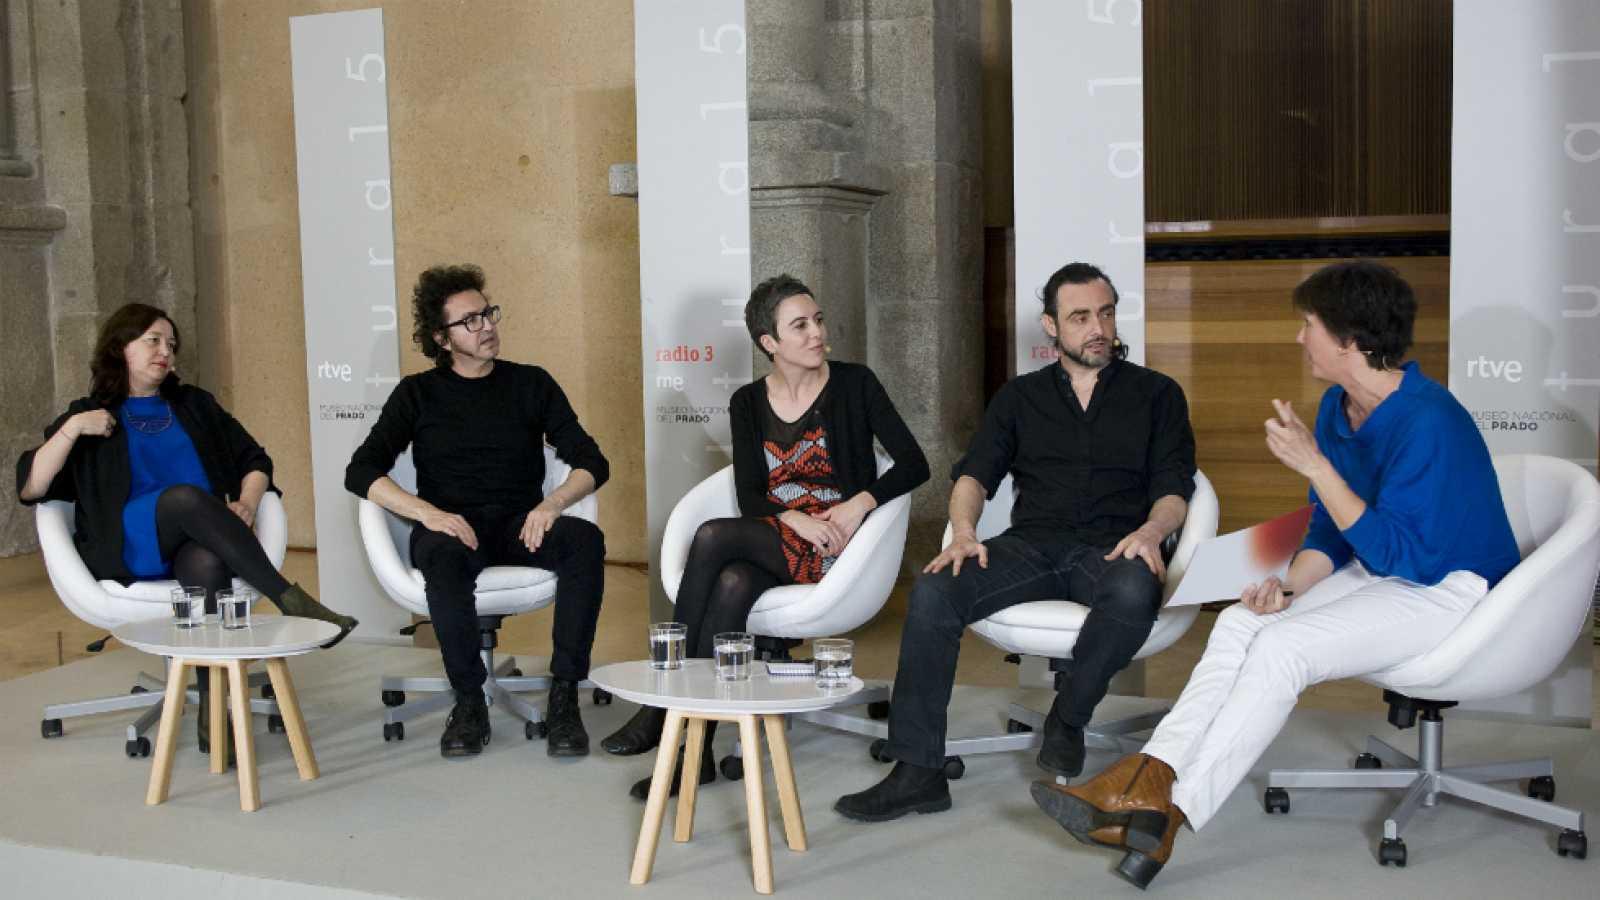 Cultura15 - Artes plásticas - 09/04/15 - Ver ahora